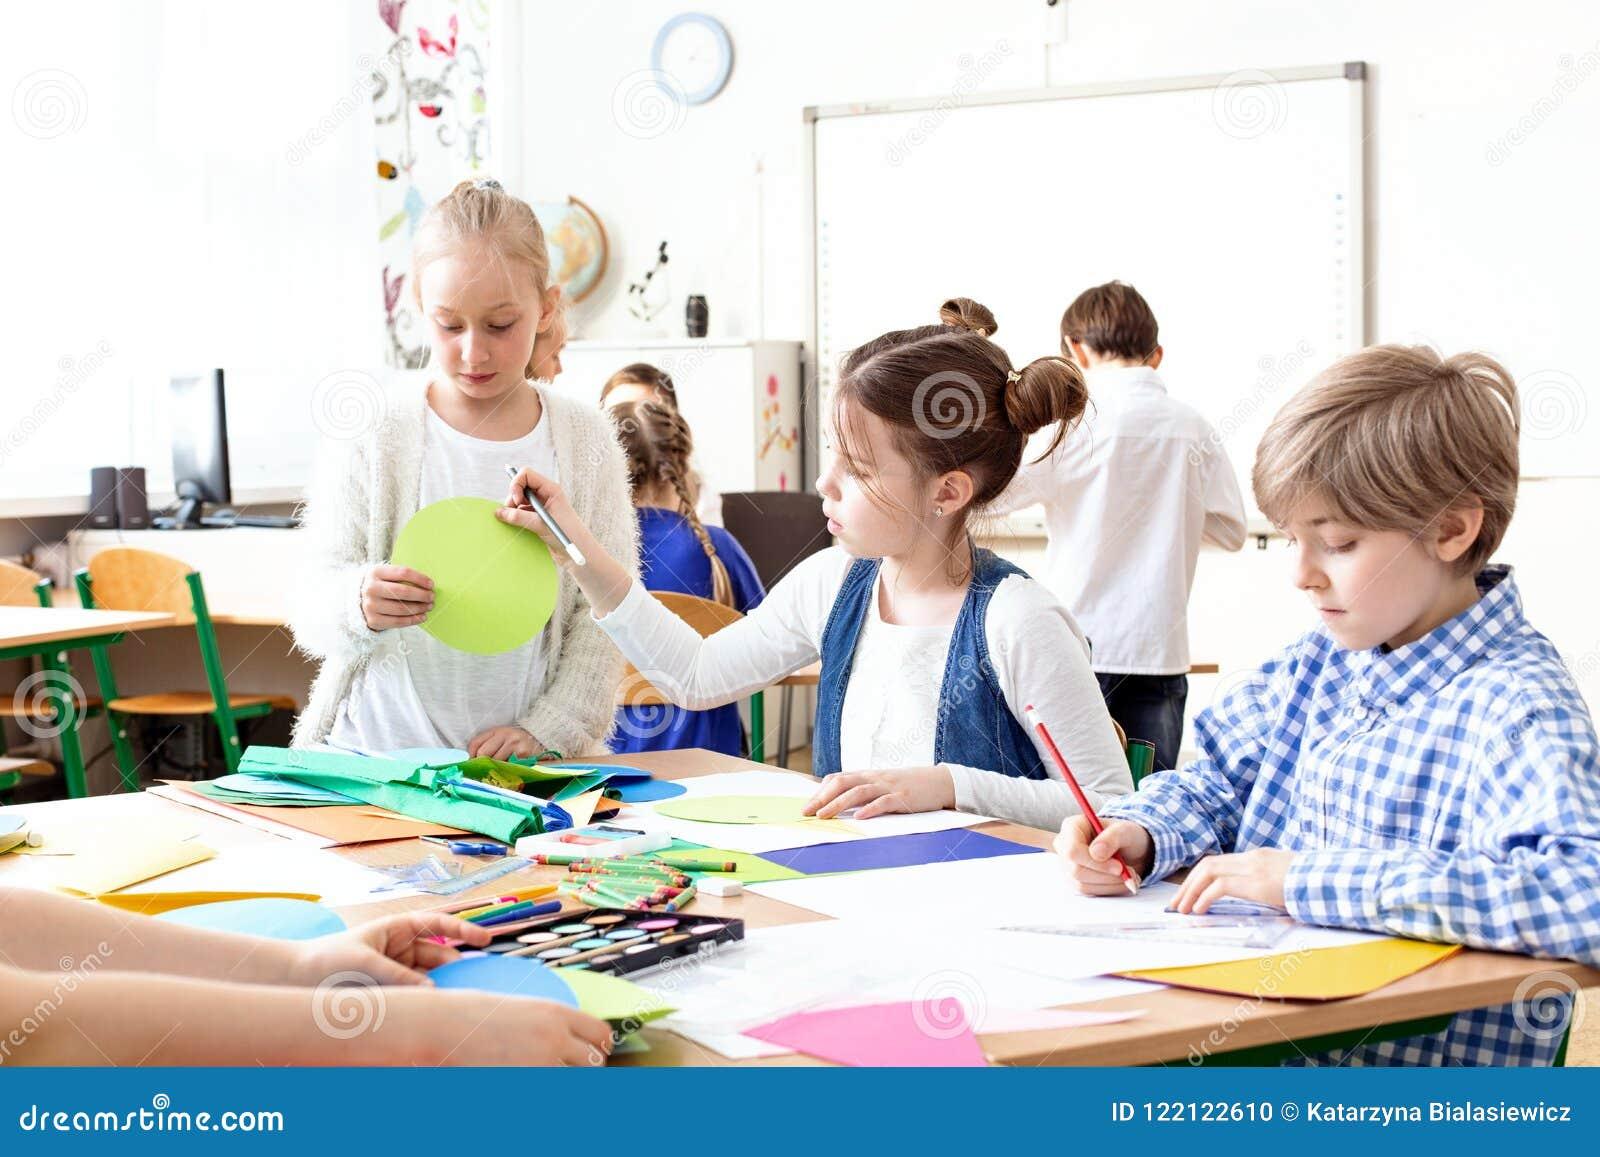 Crianças nas imagens da pintura da sala de aula durante classes de arte